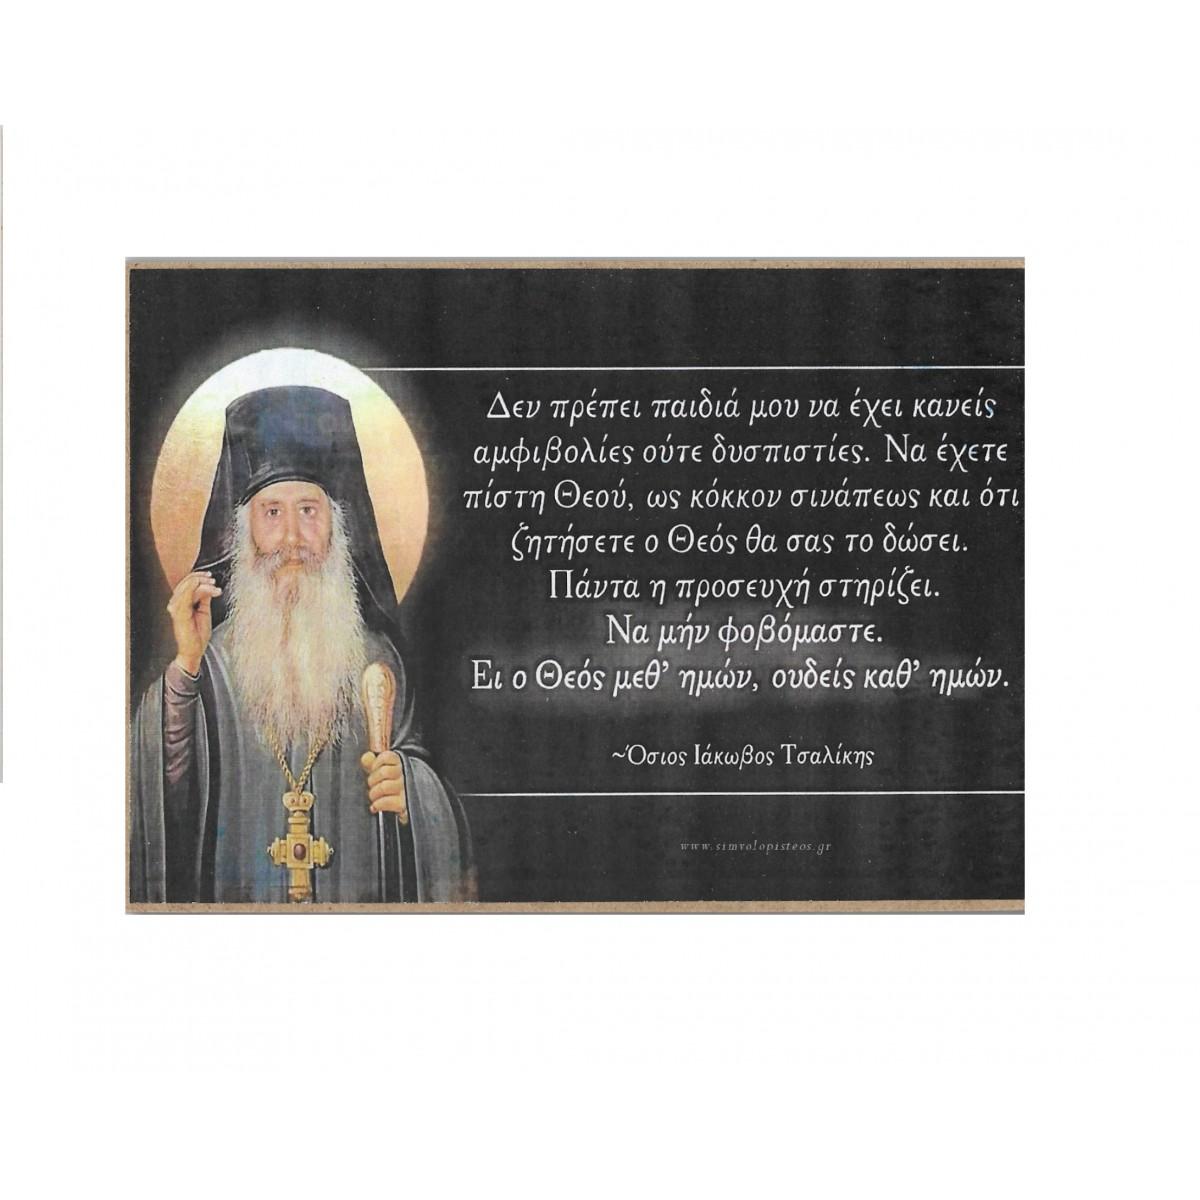 Προσευχή Όσιος Ιάκωβος Τσαλίκης